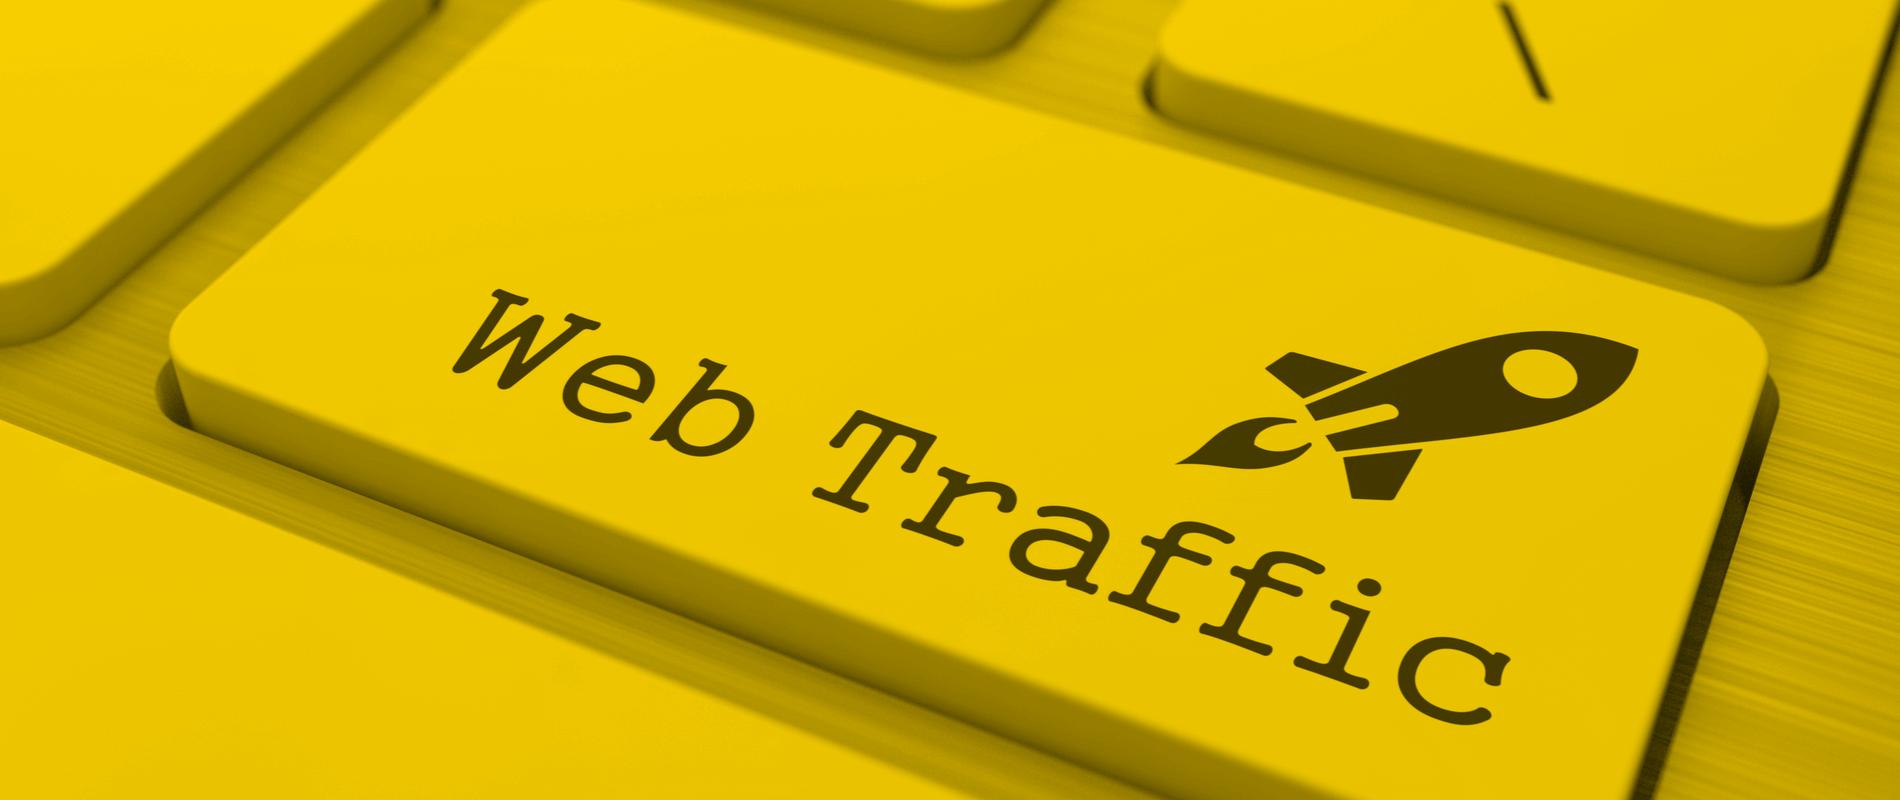 web sitenize ziyaretçi çekmek için 6 hamle